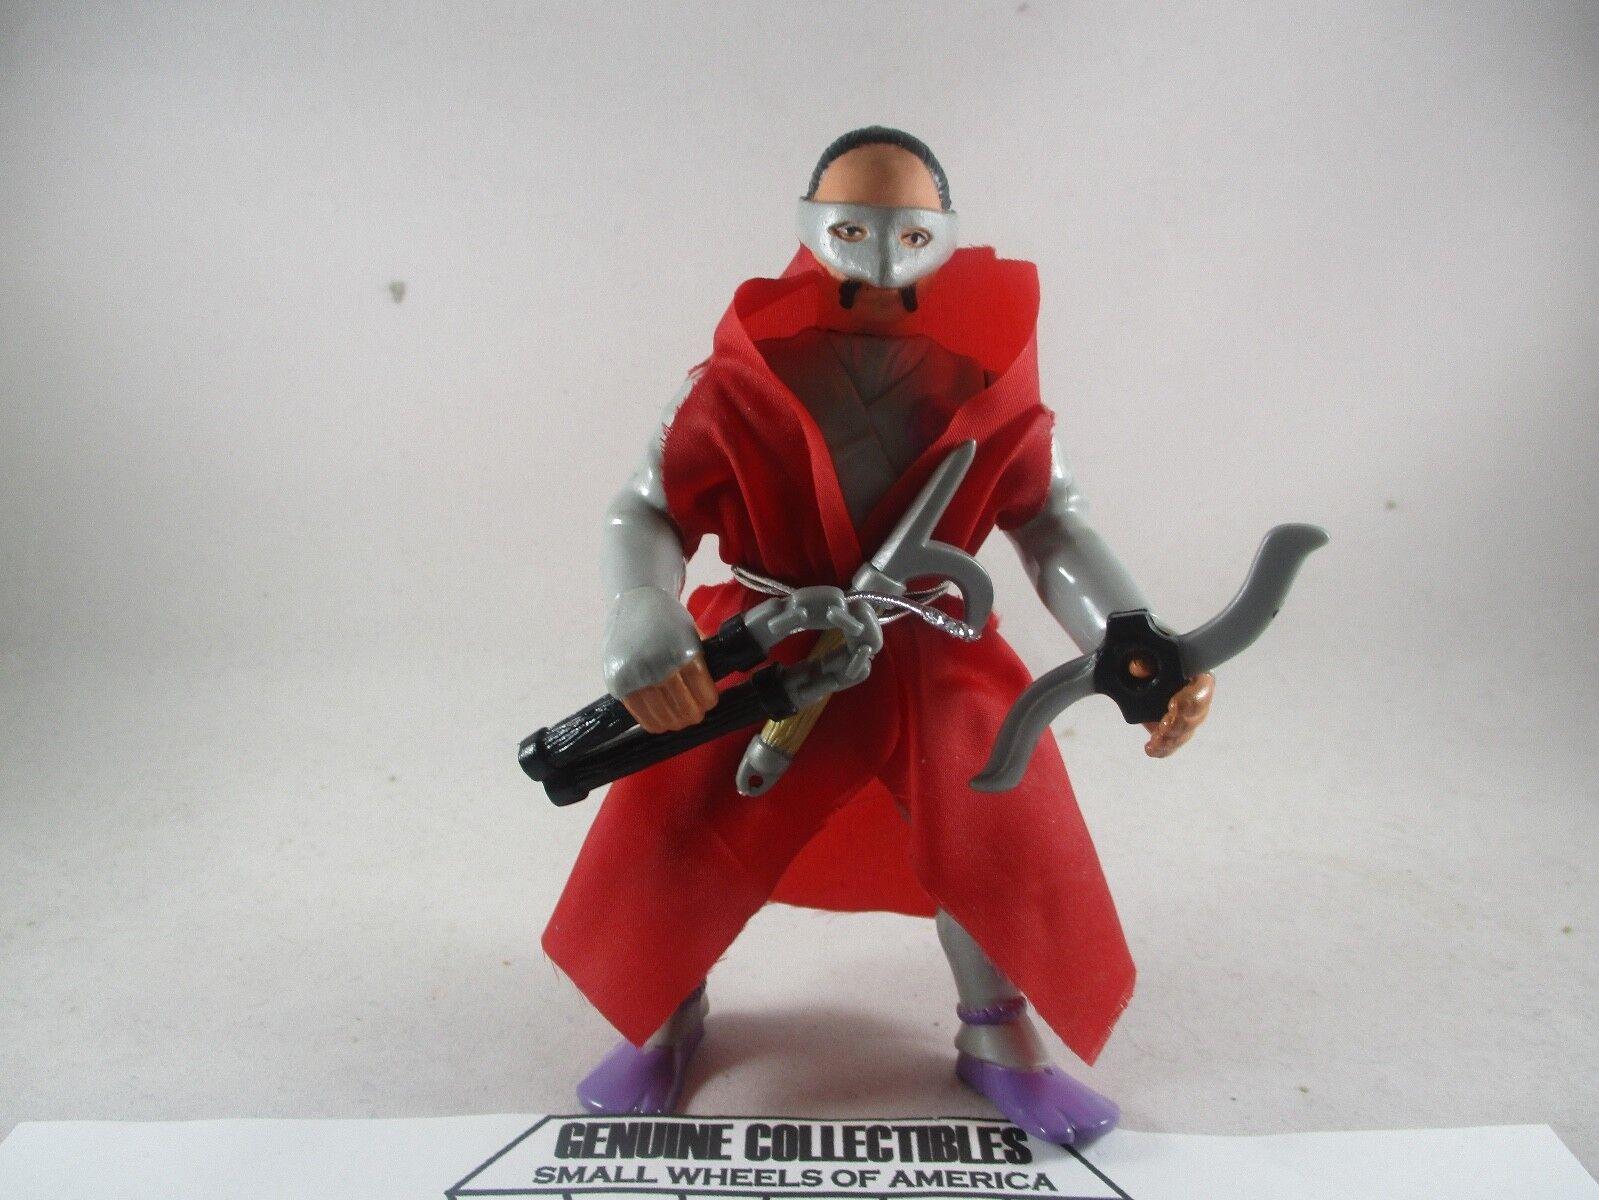 Ninja - krieger feinde des bösen  scorpia  1986 roten umhang enthalten 100% abgeschlossen